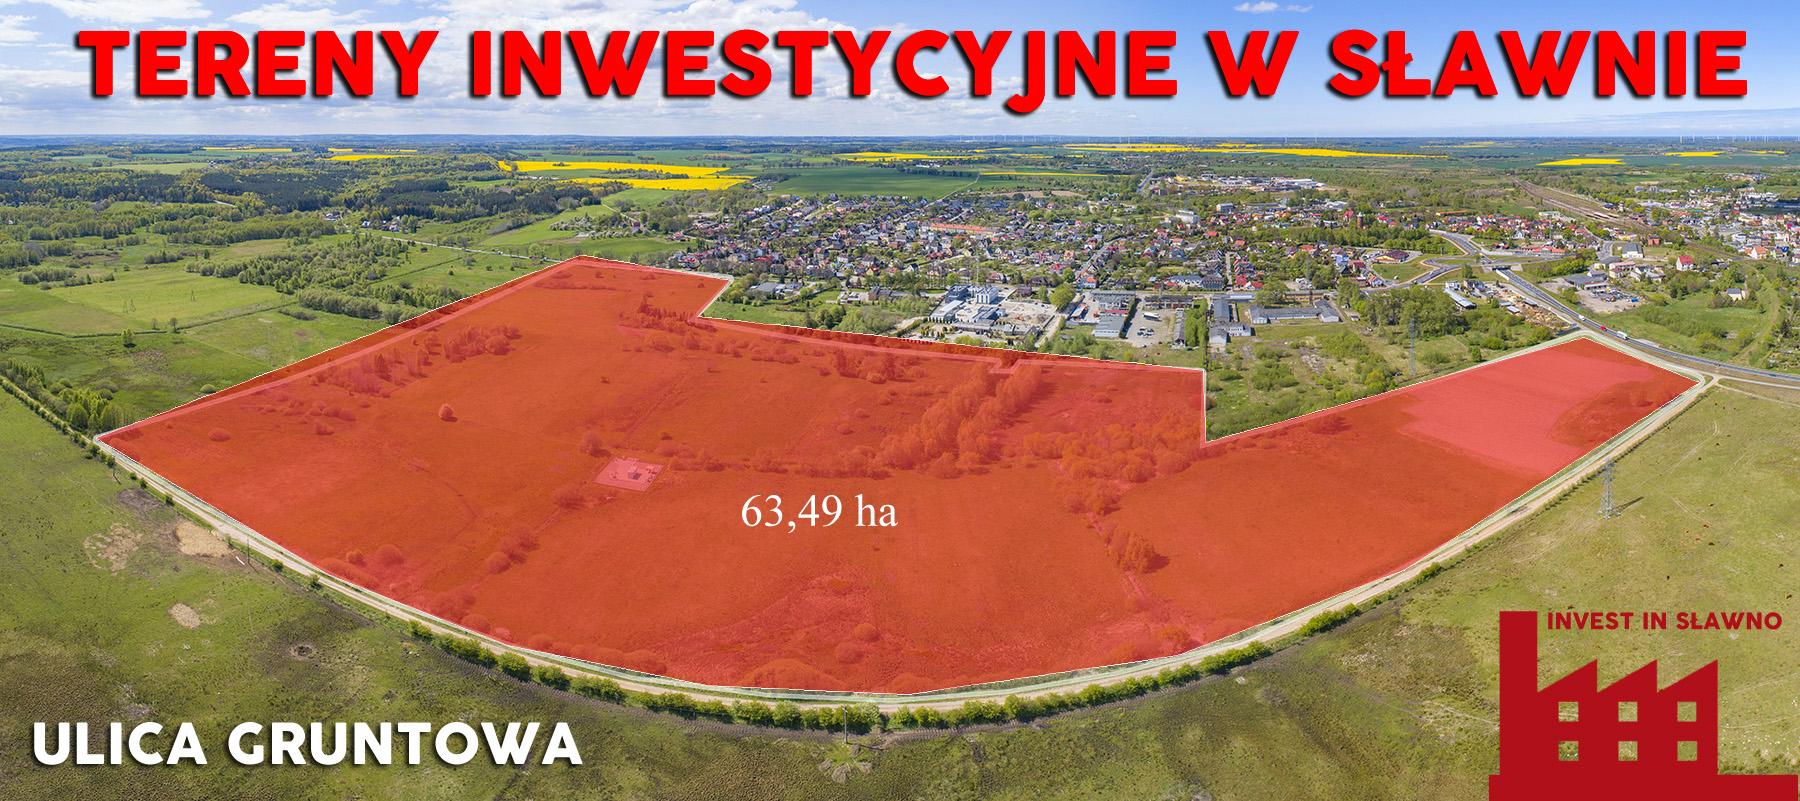 Teren inwestycyjny w Sławnie [1800x801]